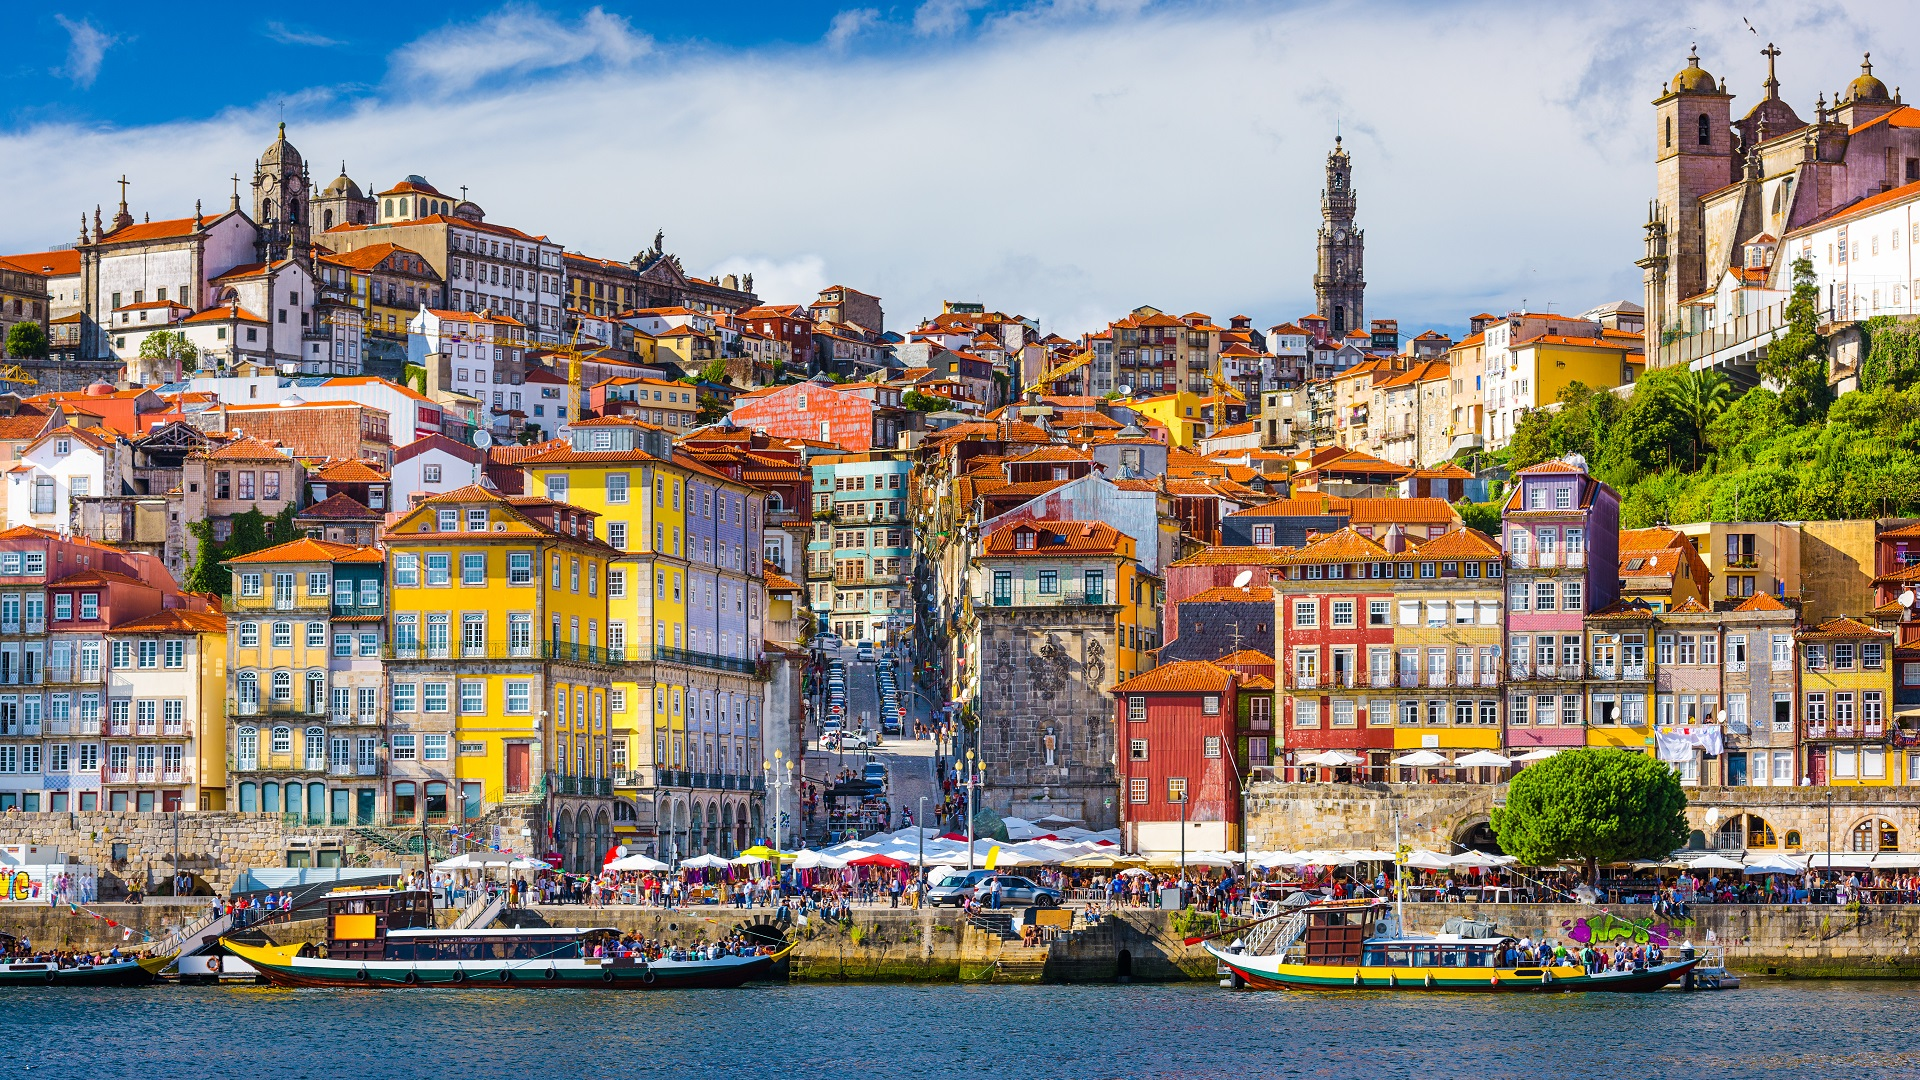 De prachtige, gekleurde huizen aan de kade van Porto